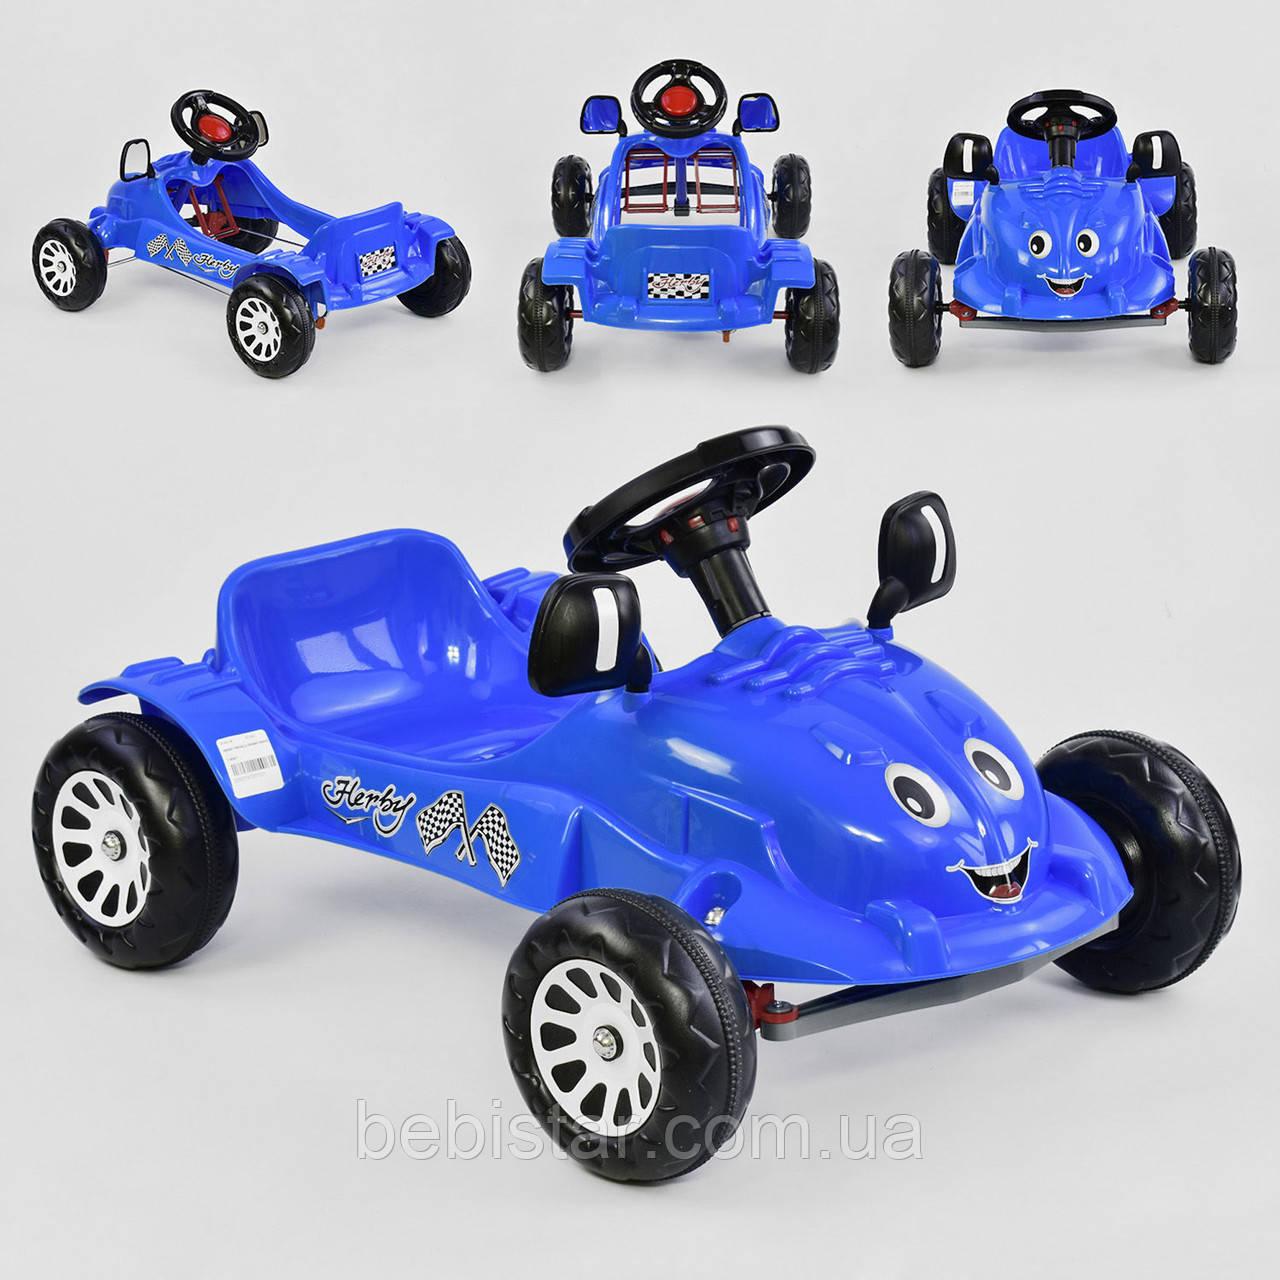 Веломобиль машина педальная синяя пластиковые колеса с звуковым сигналом